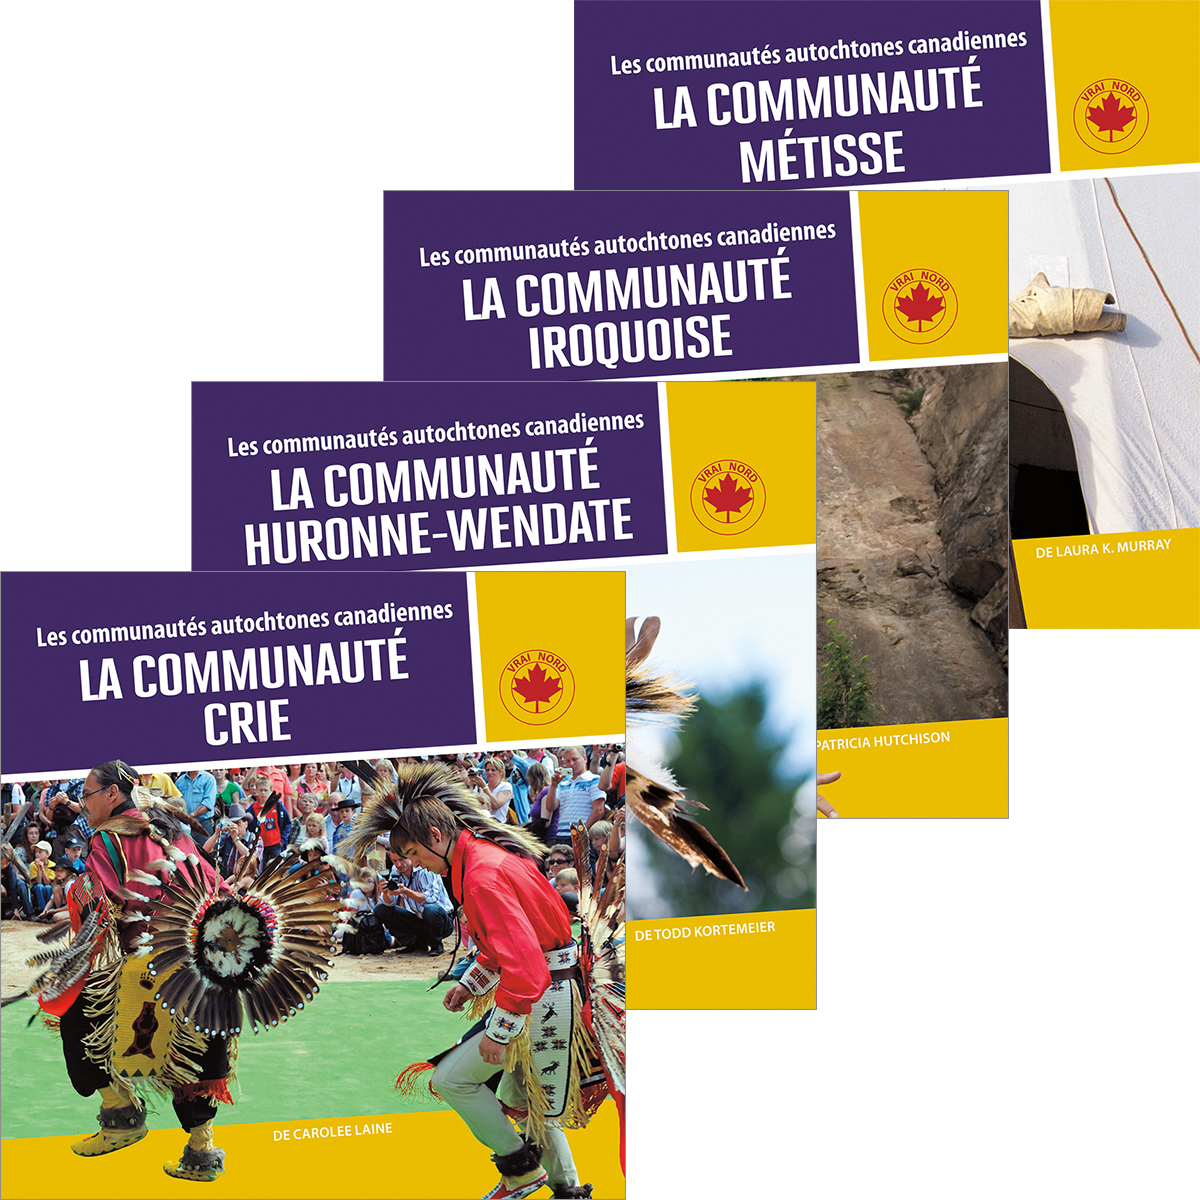 Les communautés autochtones canadiennes (6)